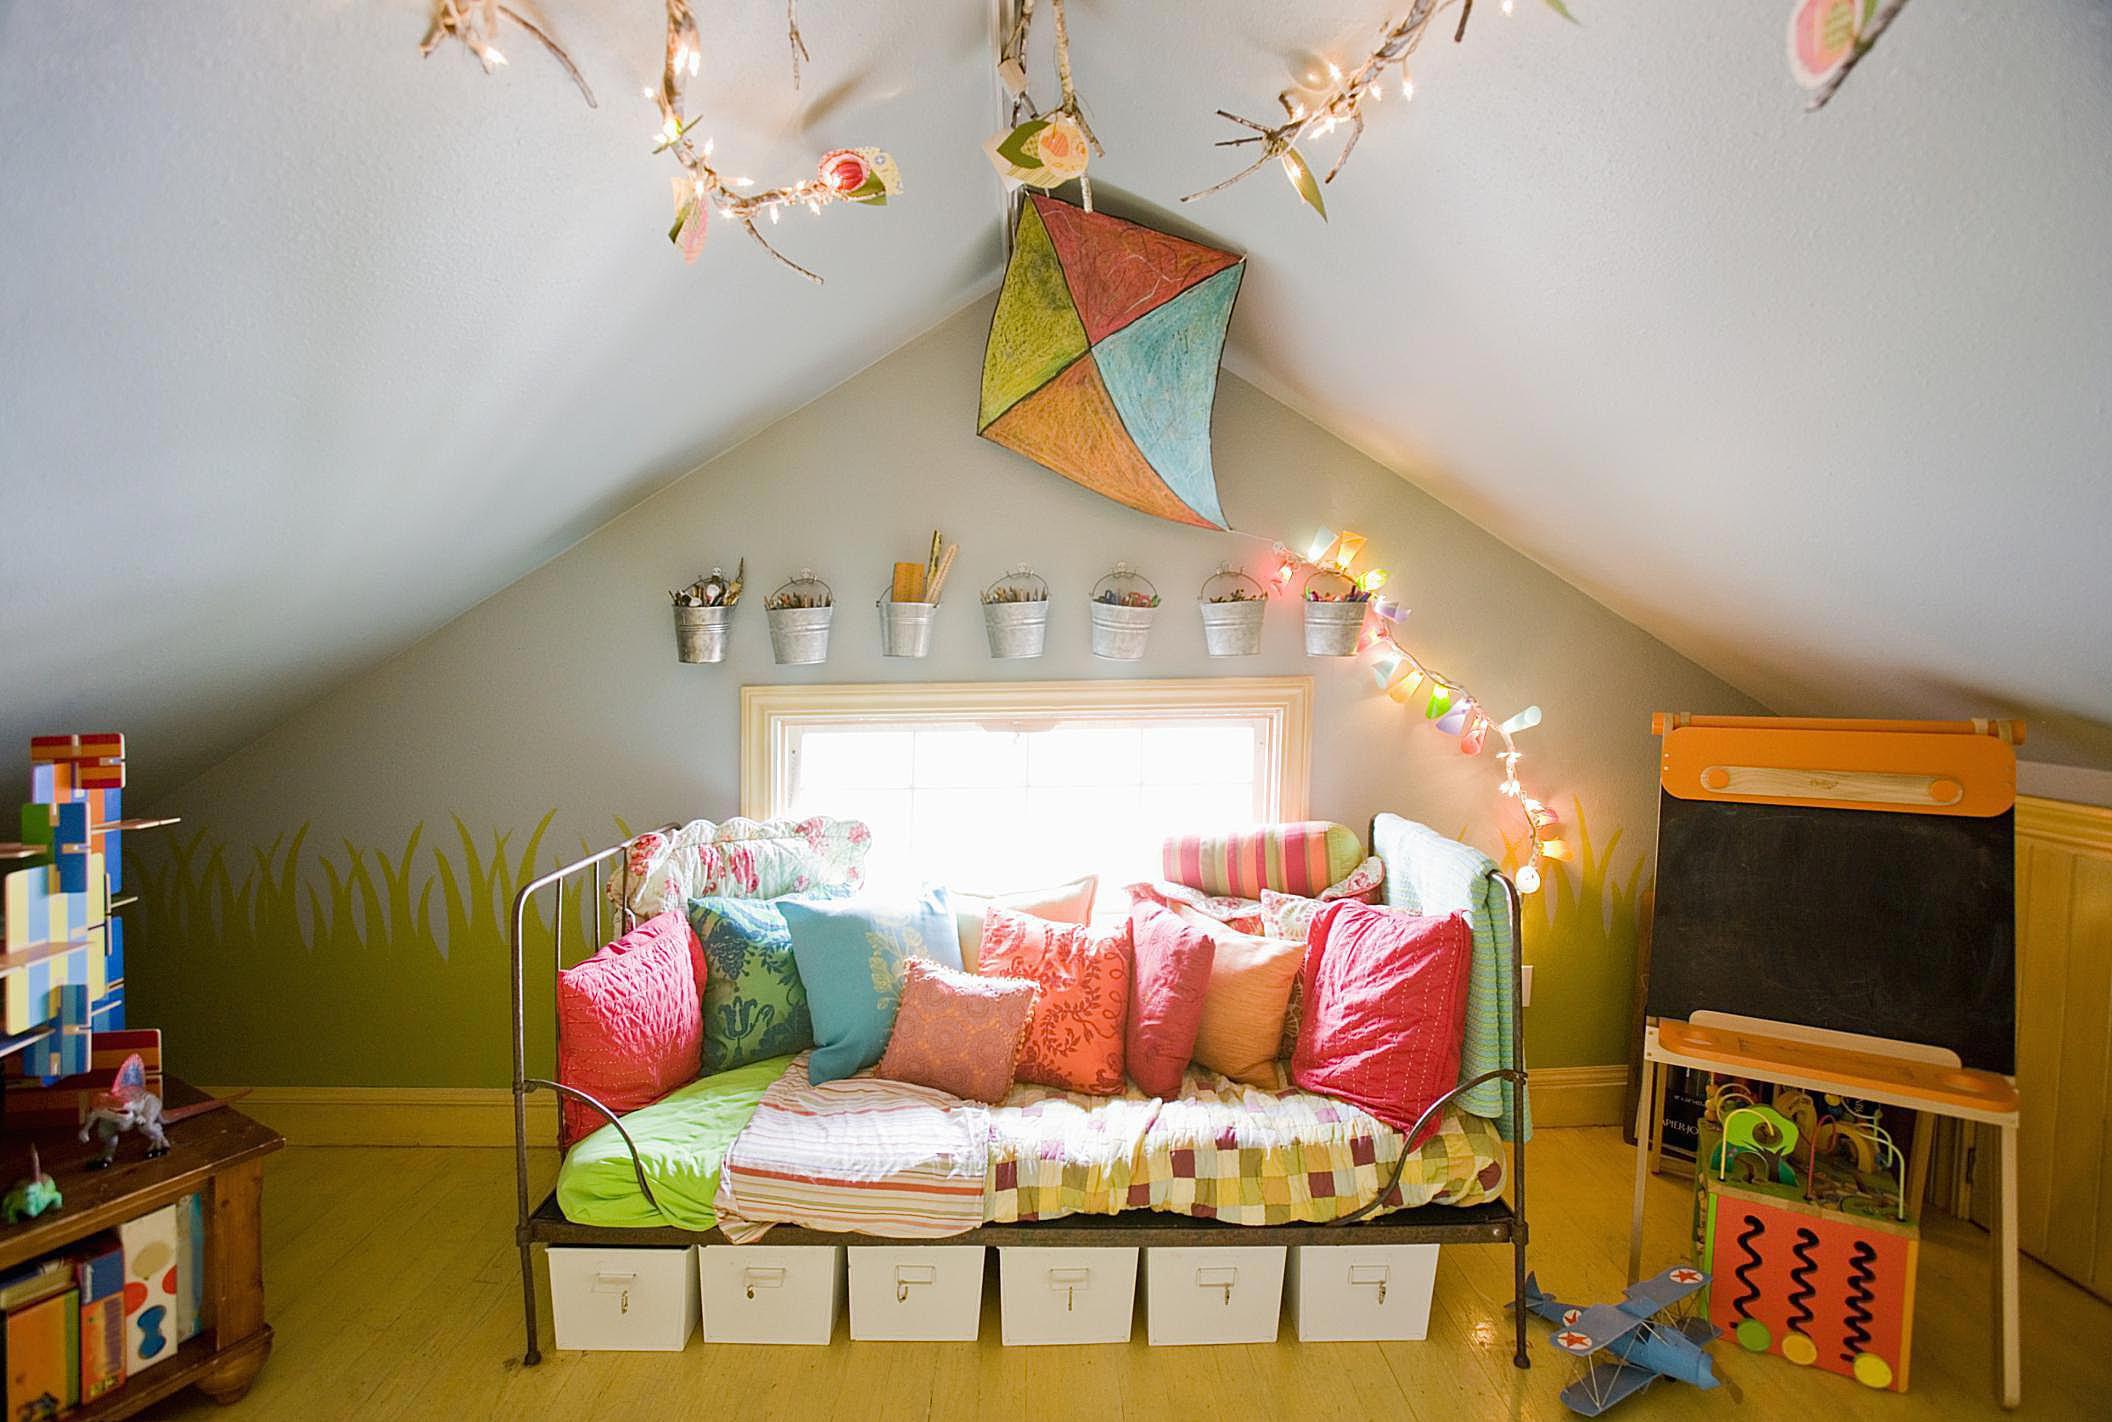 Playroom: Playroom Decoration Ideas